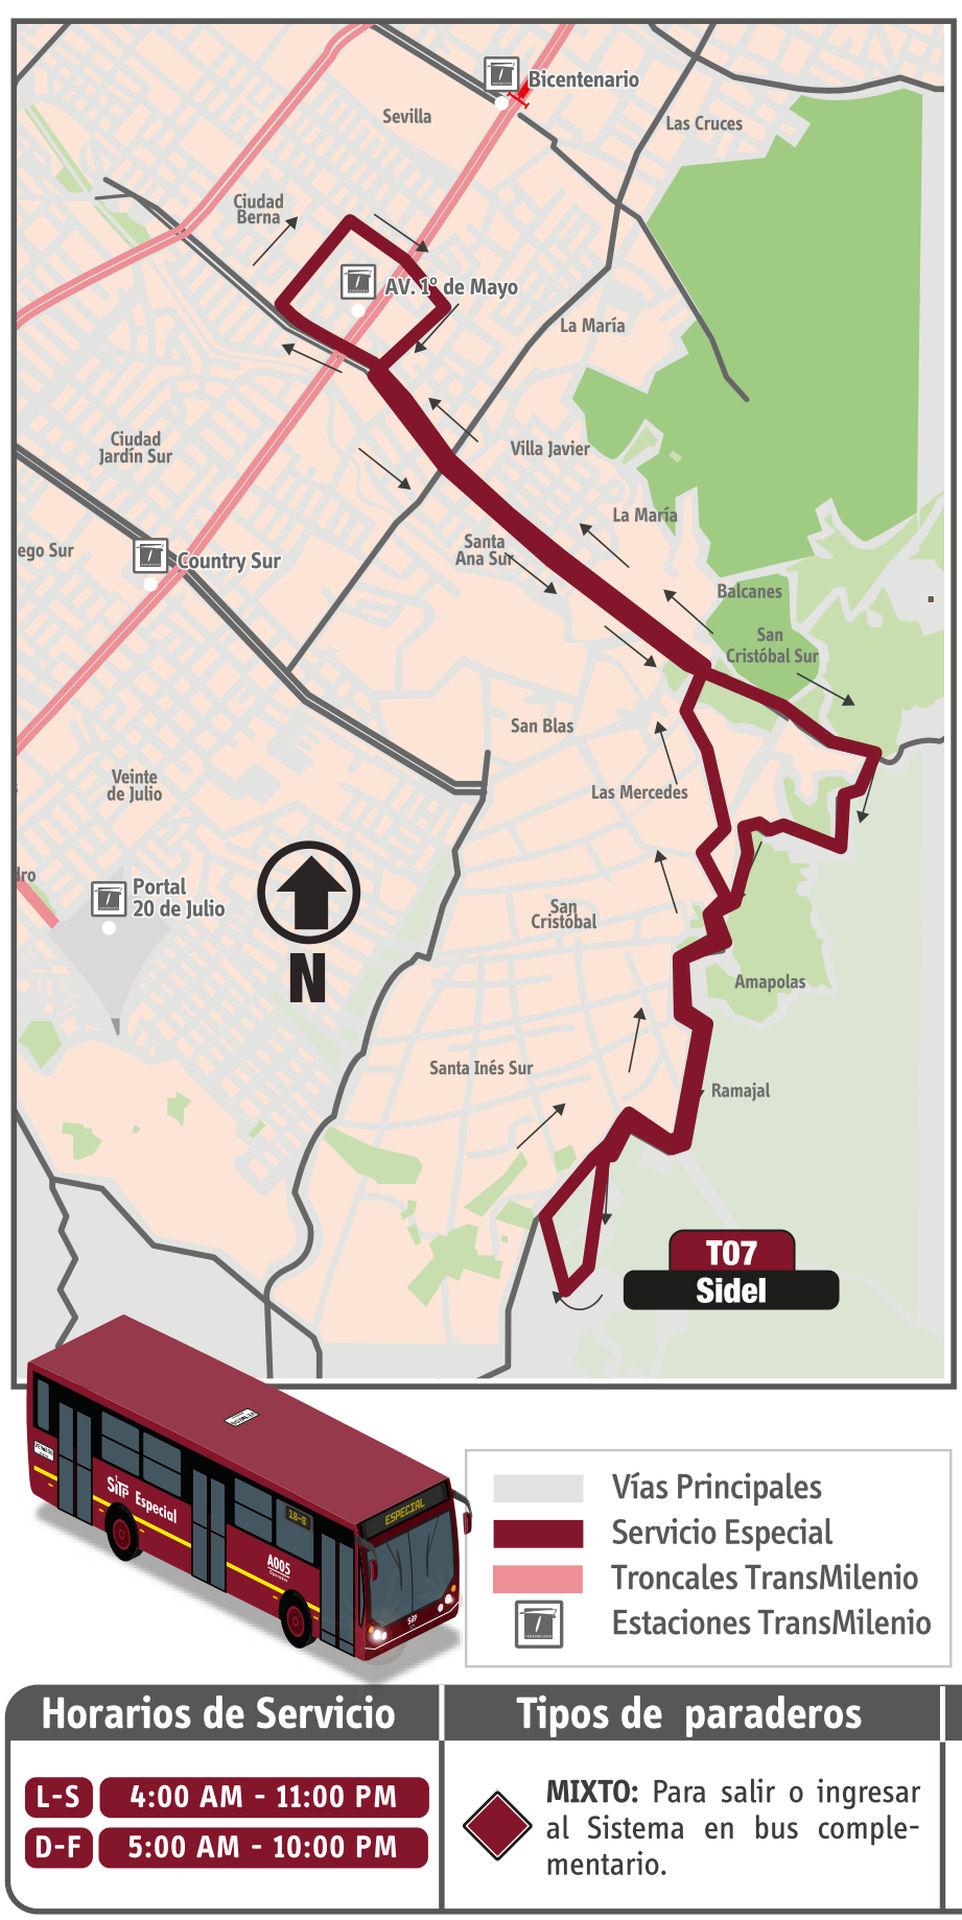 Ruta SITP: Ruta T07 Sidel [Especial T]